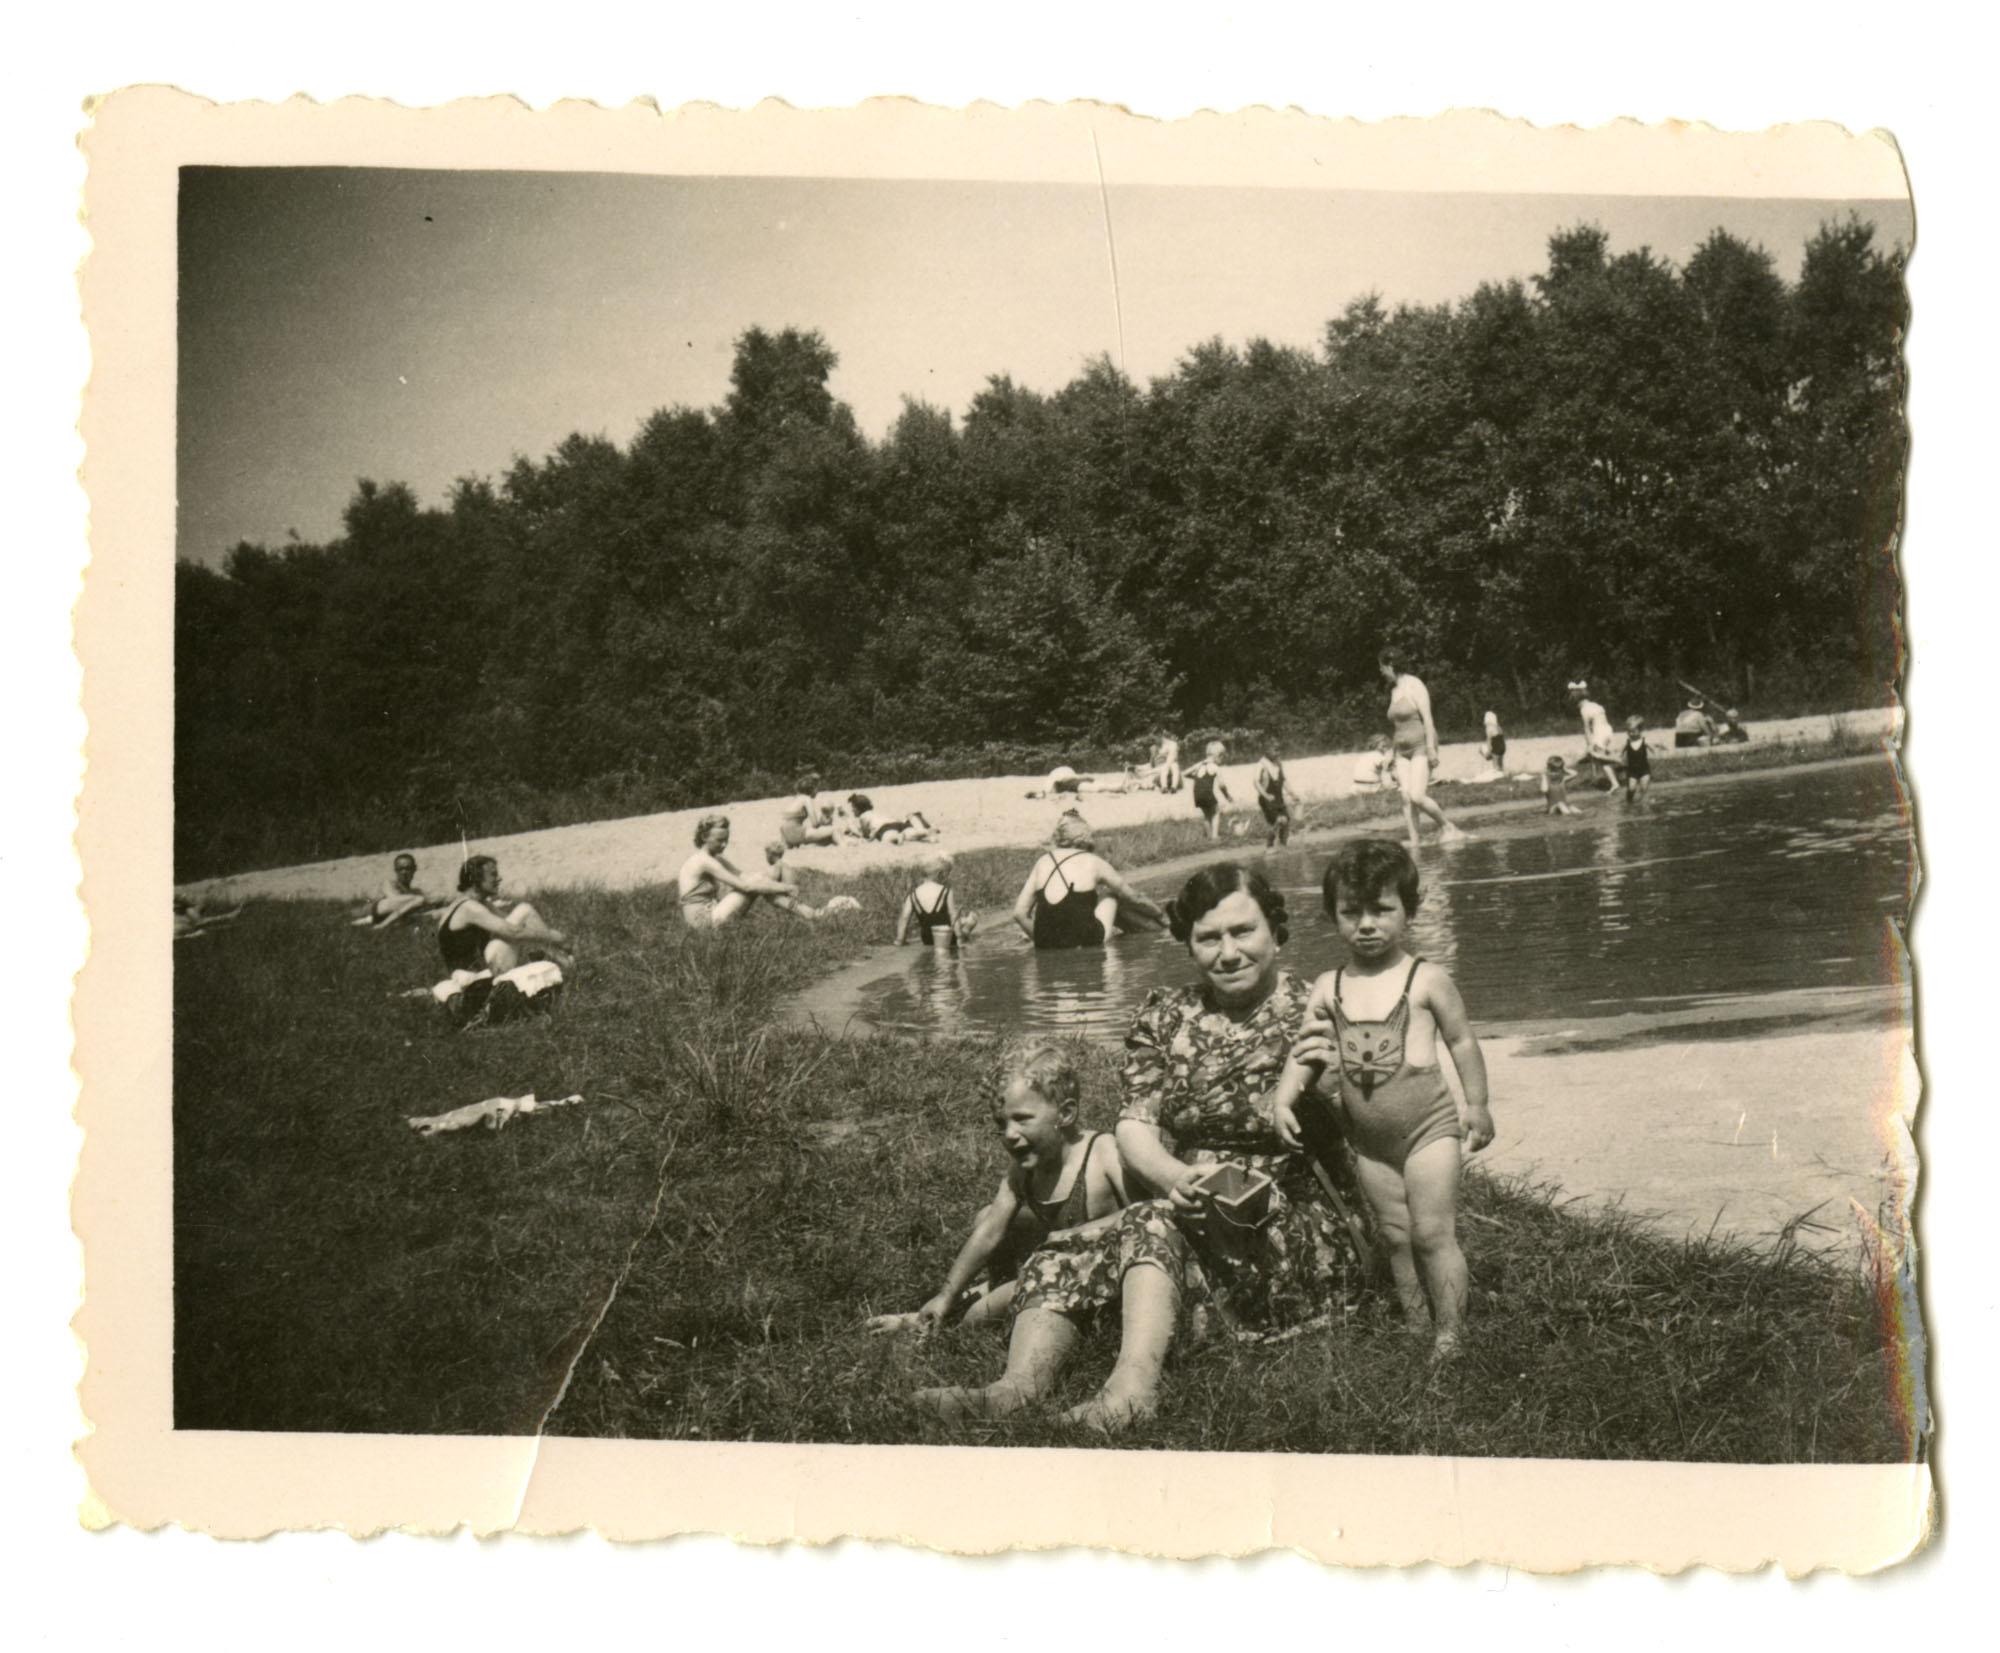 Gabriel DeLeeuw, Dientje Krant-Cohen, and Dientje Krant, 1941